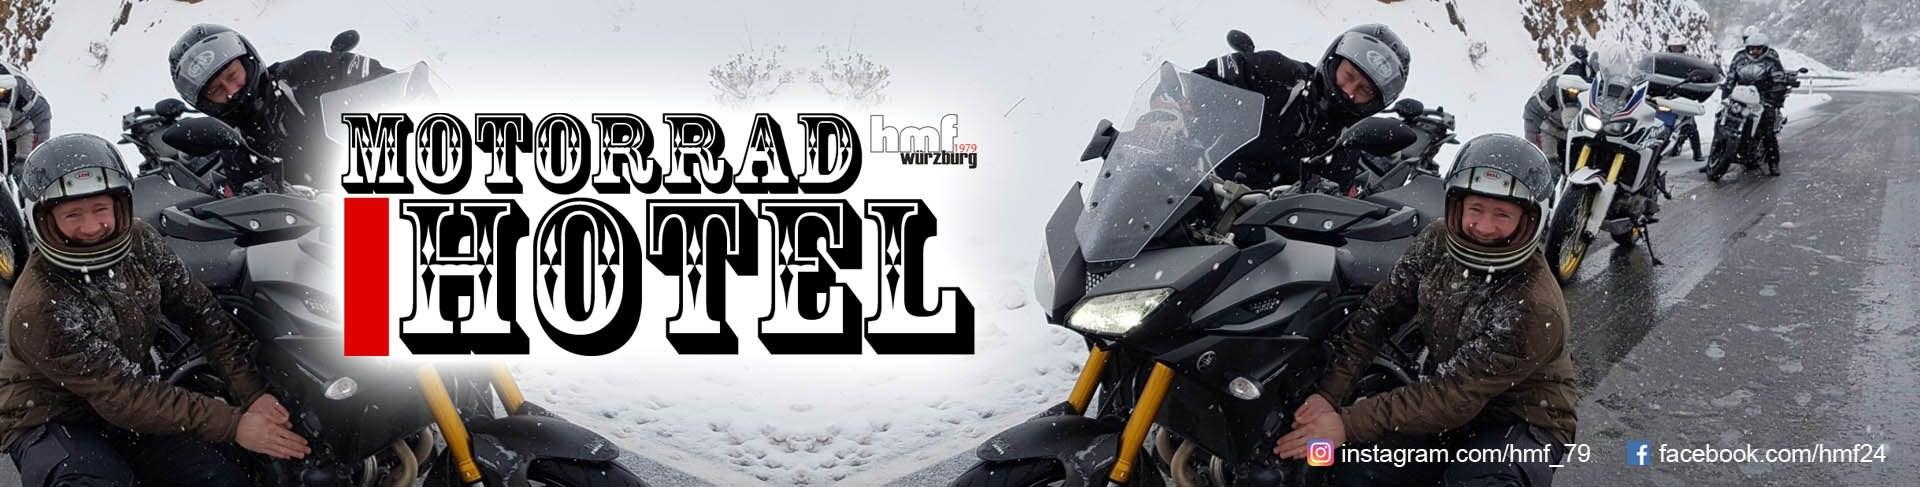 hmf Motorradhotel